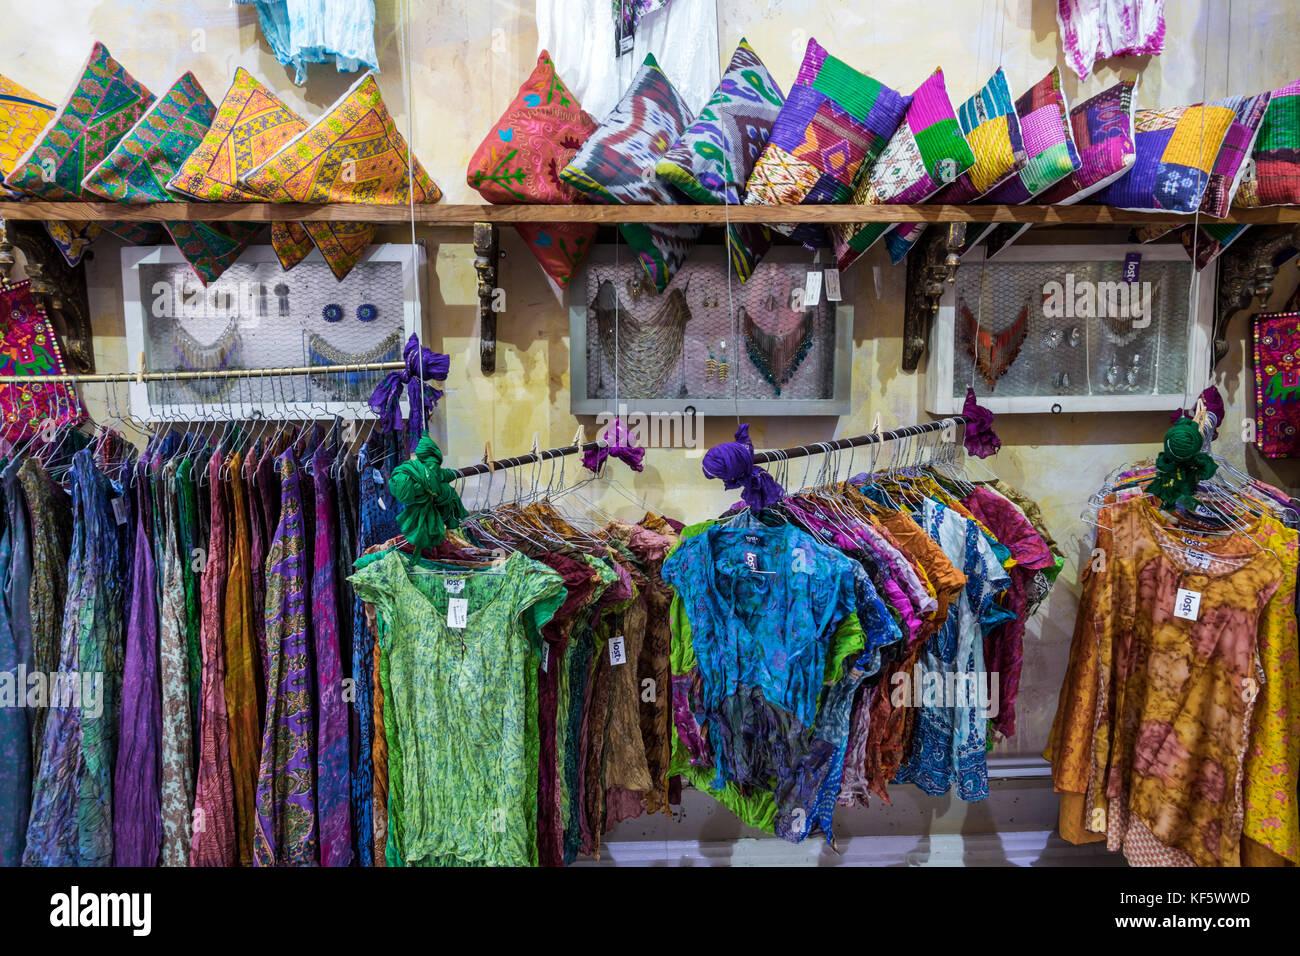 Portugal Lissabon Bairro Alto Historisches Viertel Lost In India Boutique Shopping Shopper Shopper Shop Shops Markt Markte Markt Kauf Verkaufen Stockfotografie Alamy